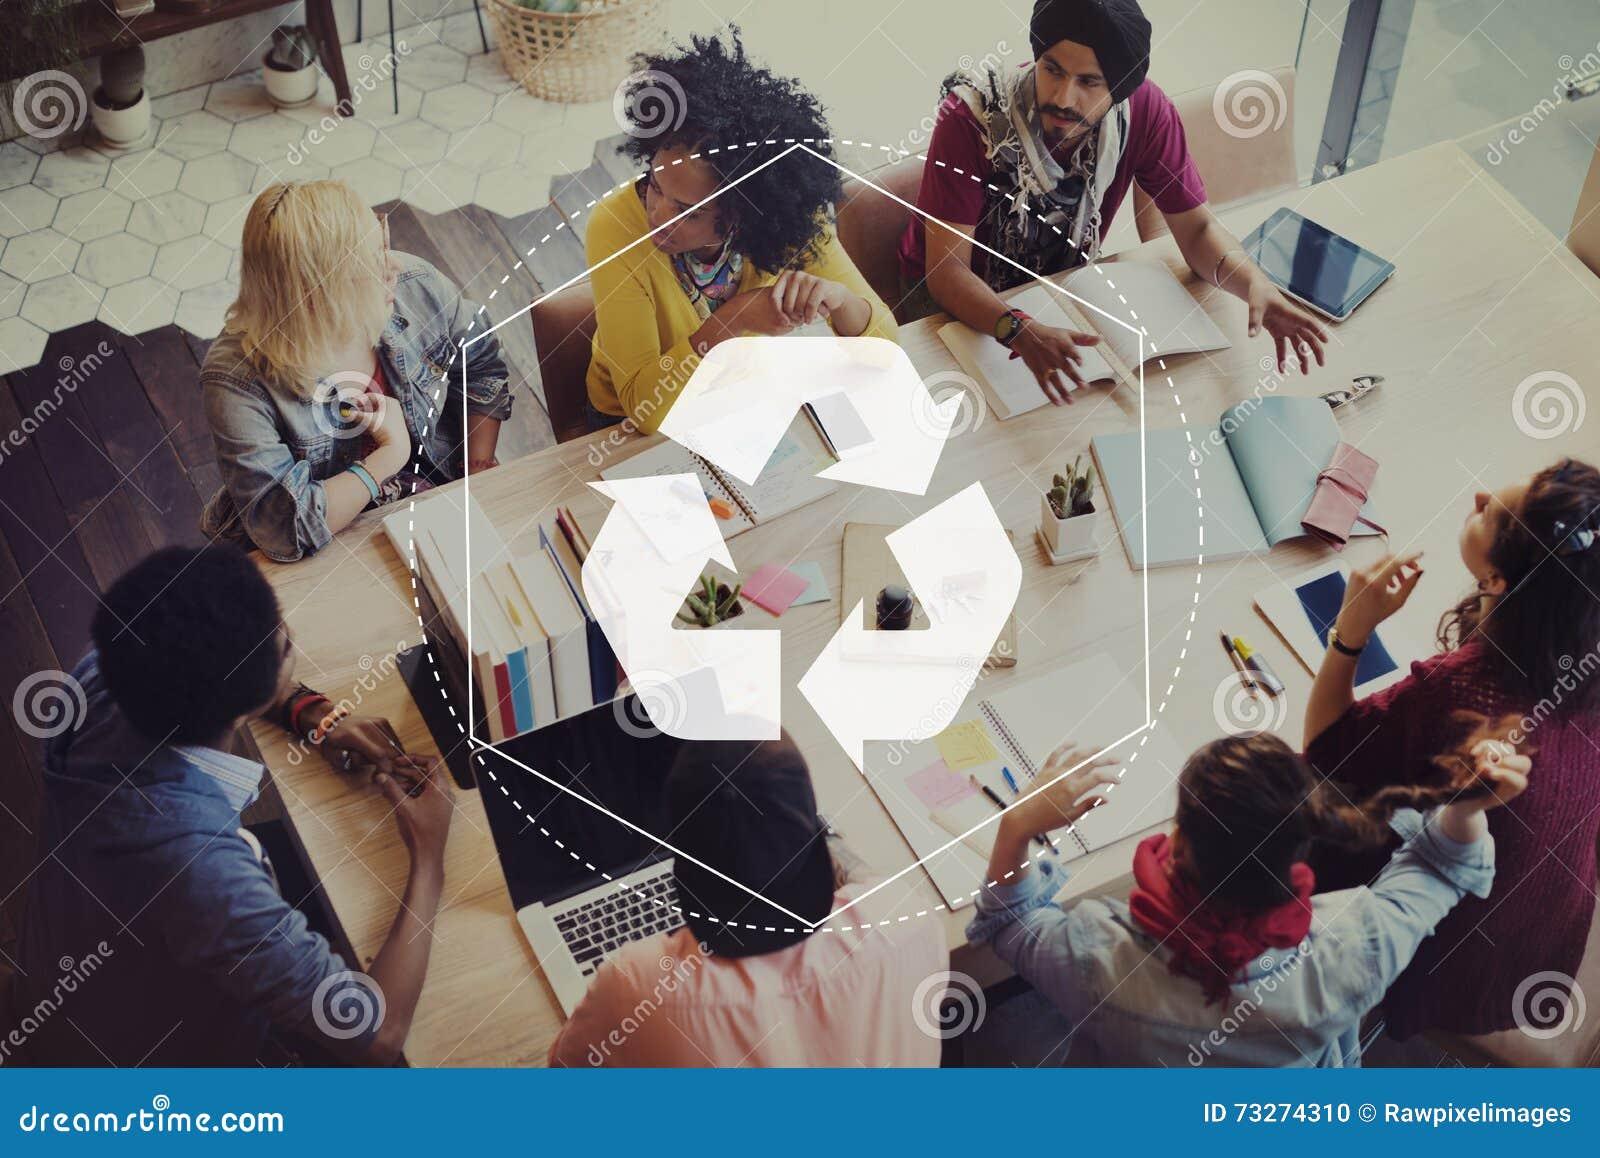 Recicle la solución biodegradable autorizan concepto gráfico